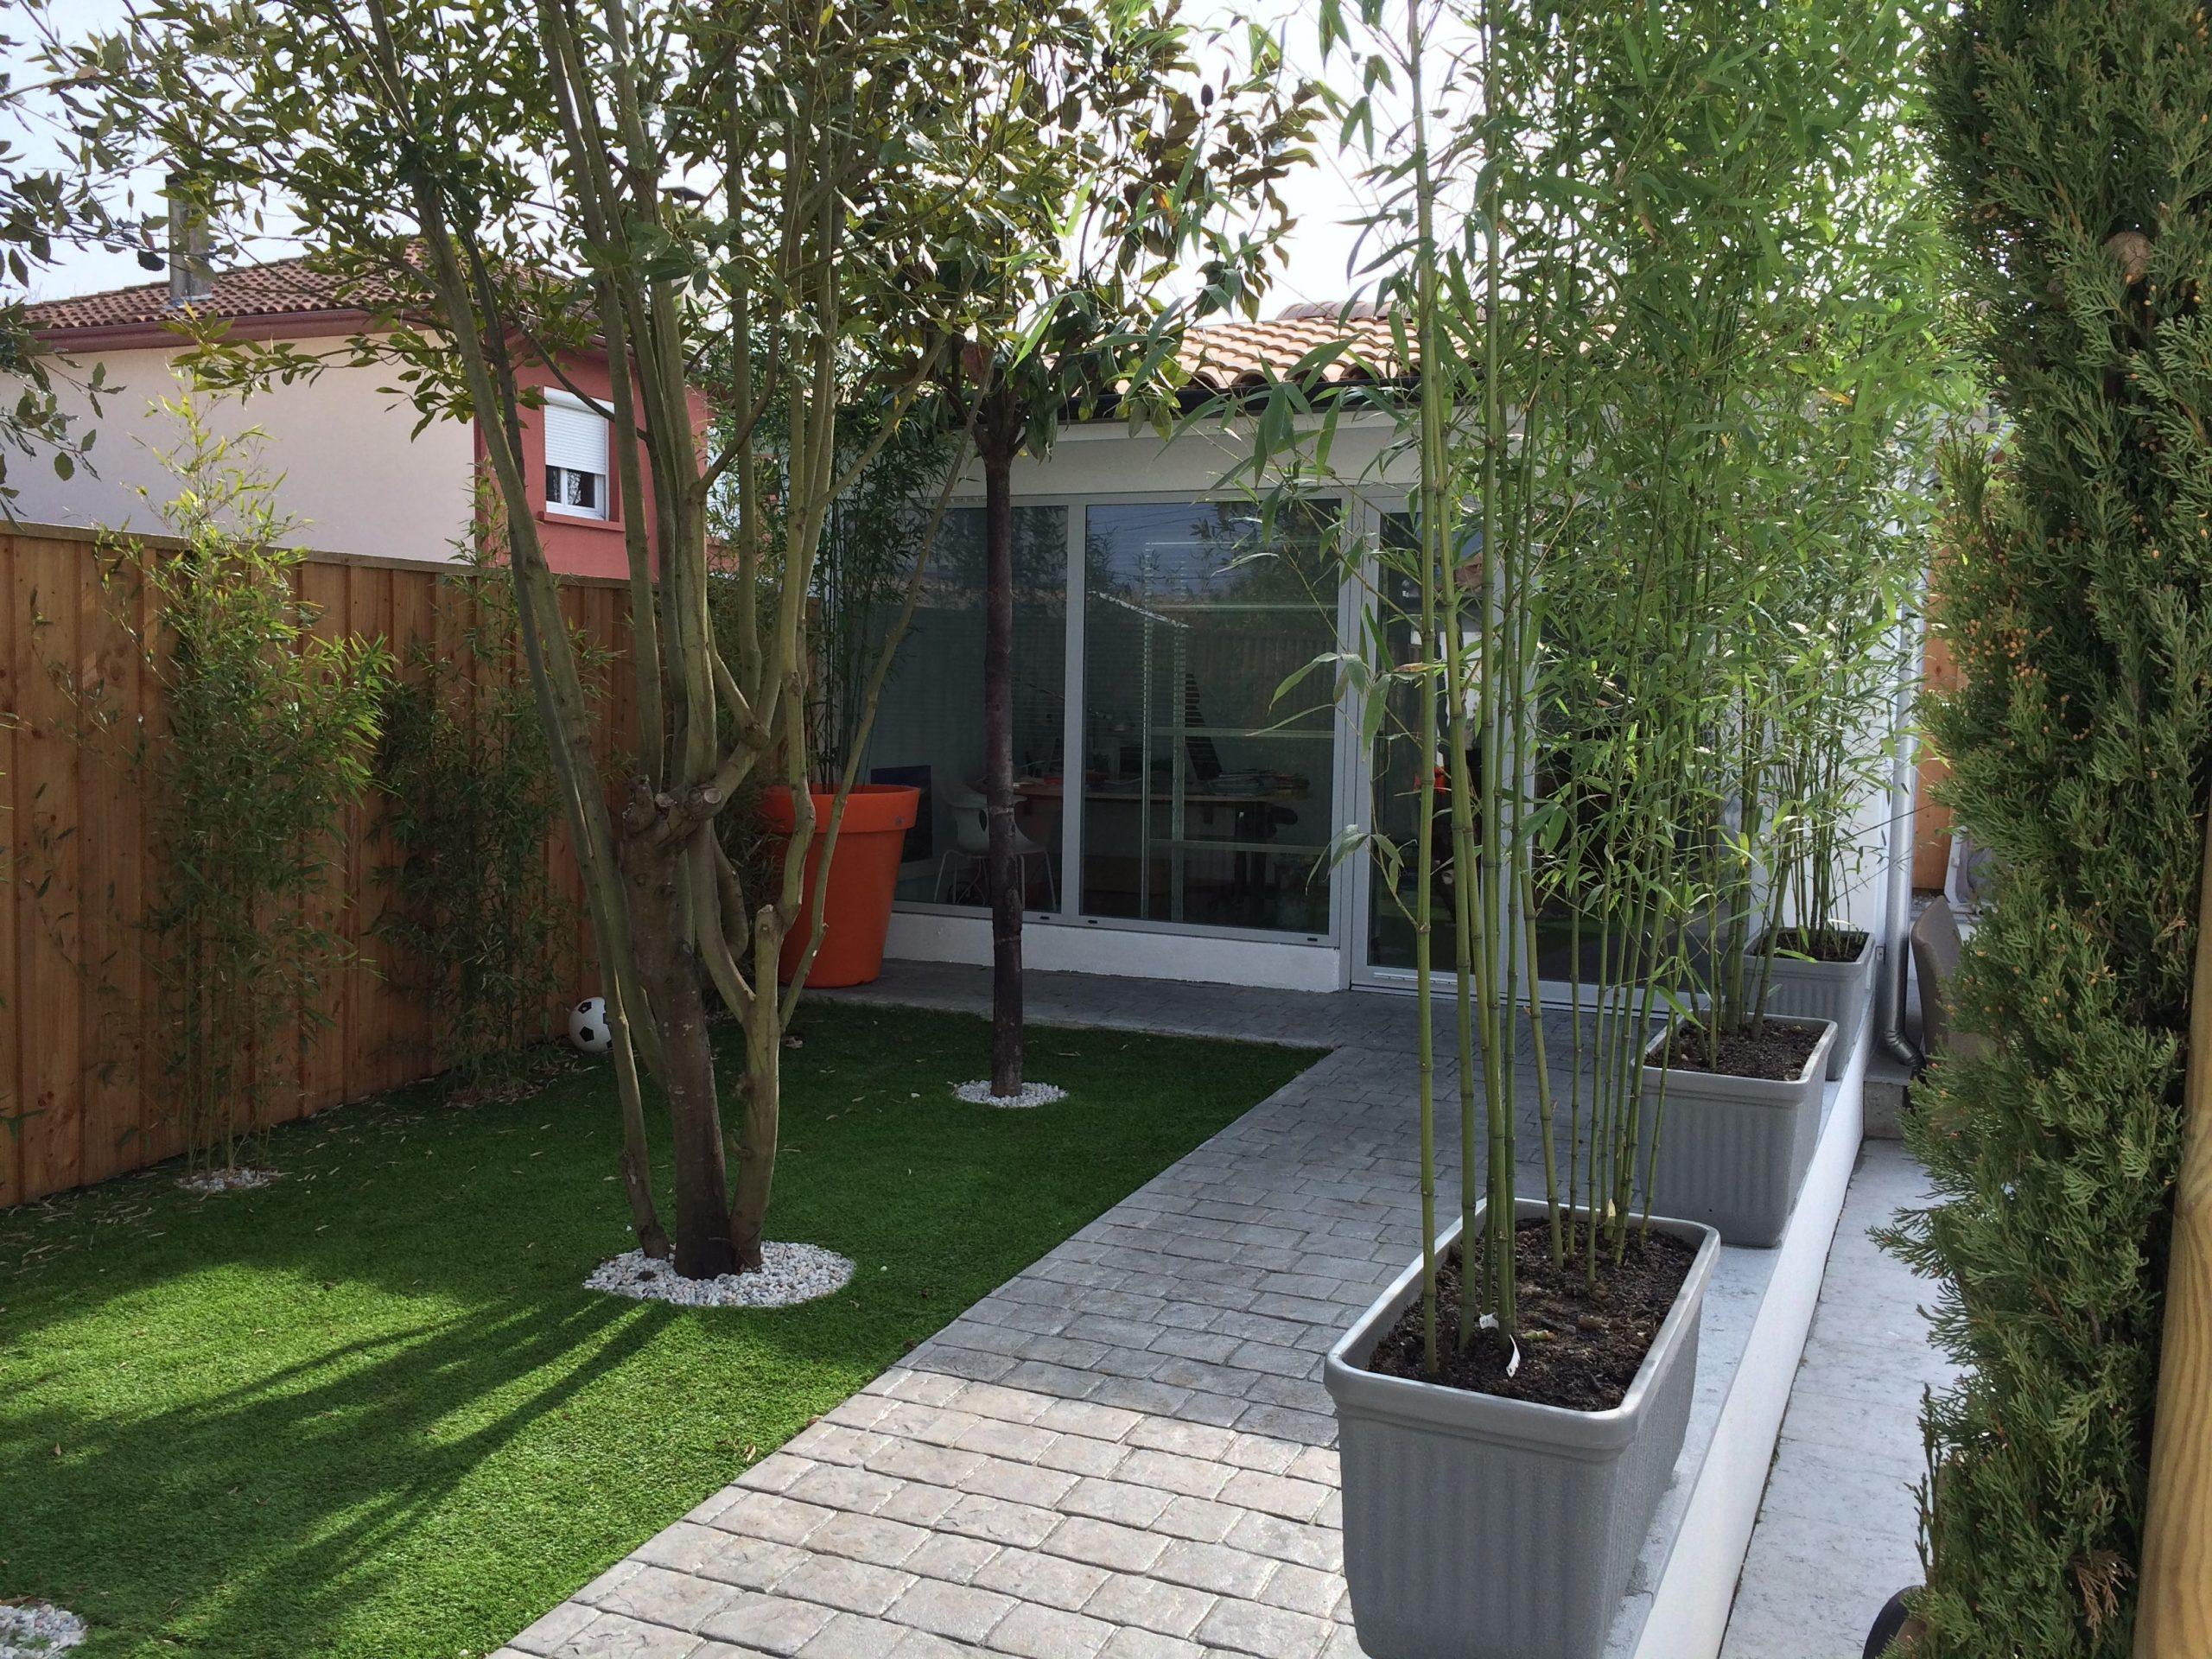 Créer Un Jardin Sans Entretien Devant Votre Bureau ... destiné Entretien Jardin Bordeaux